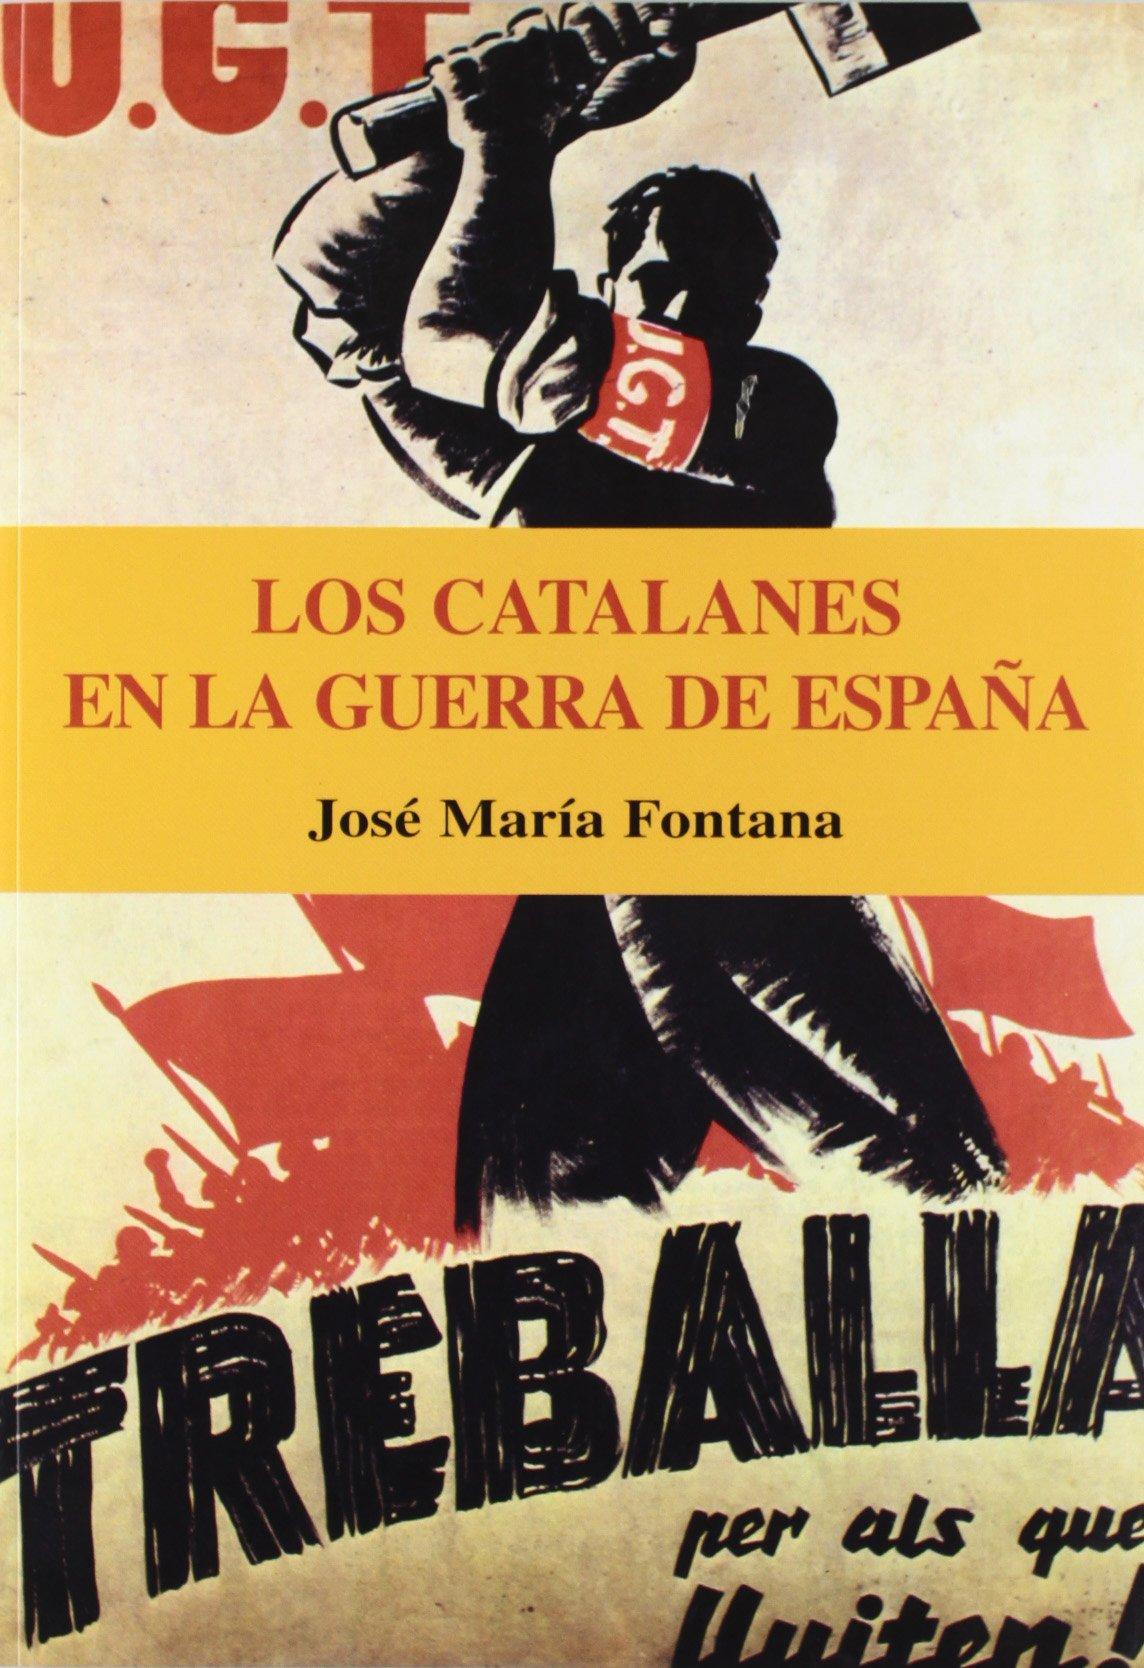 Catalanes En La Guerra De España, Los: Amazon.es: Fontana, Jose Mº: Libros